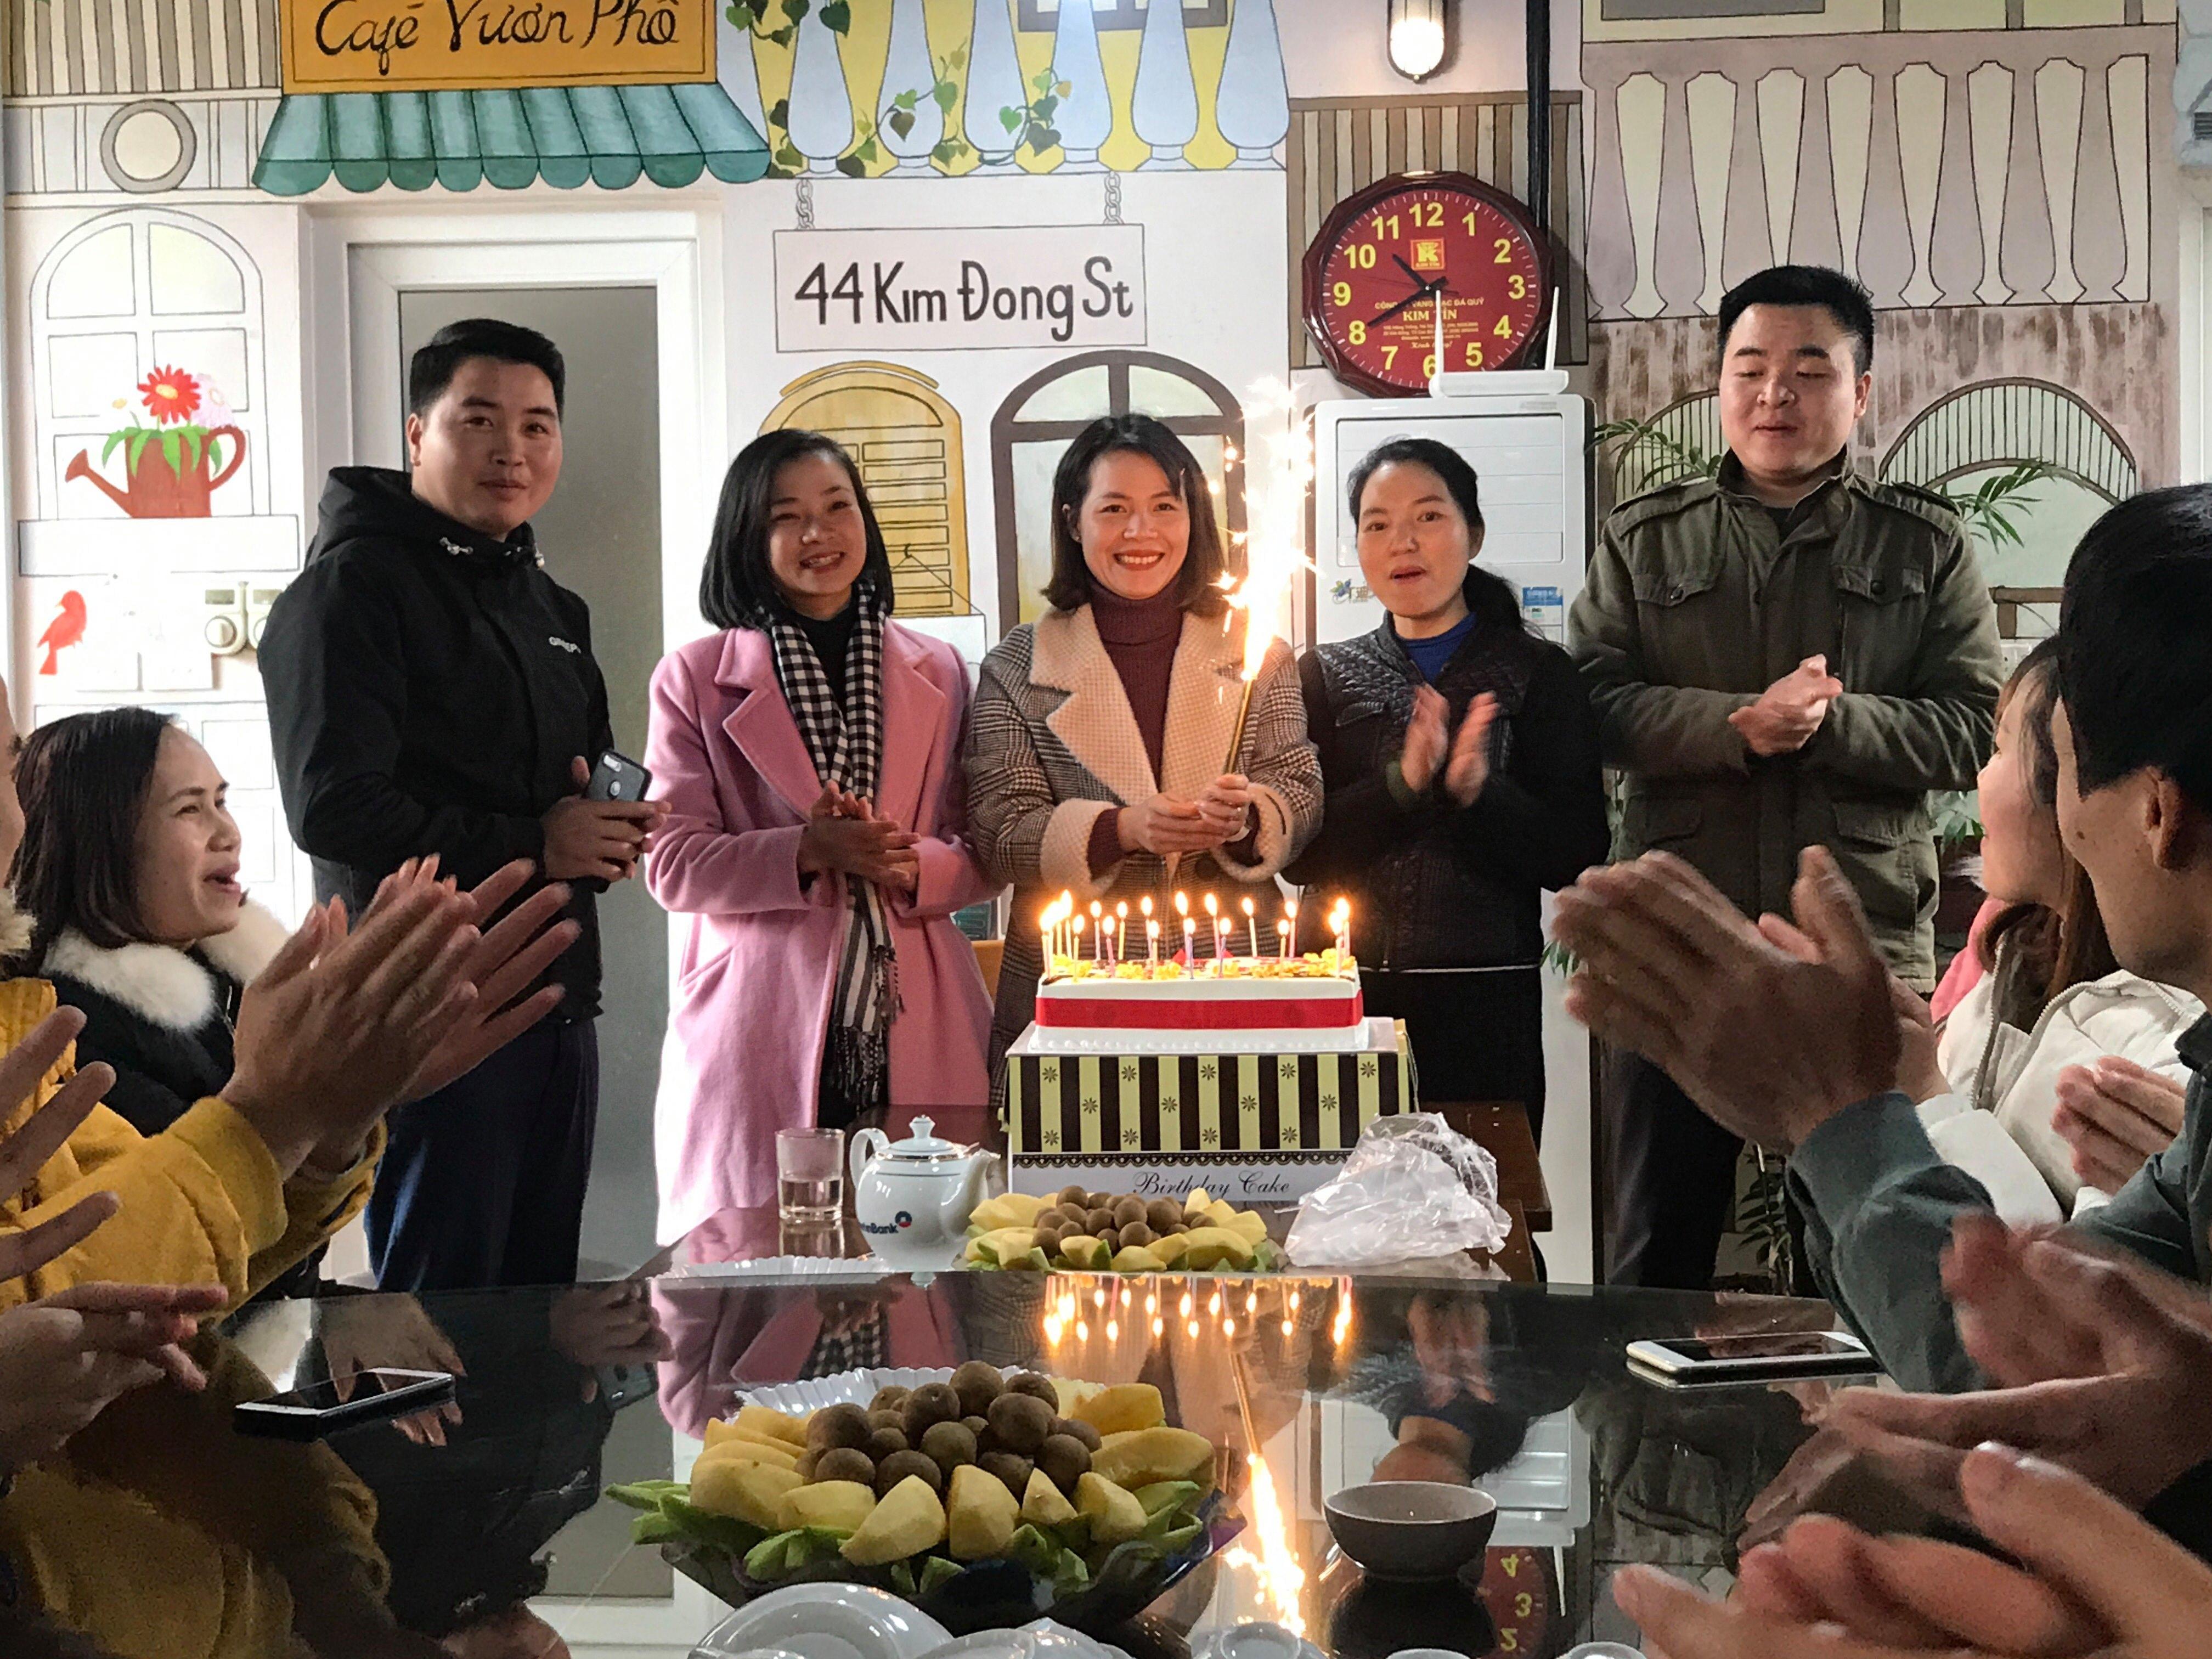 Công đoàn Hưng Gia tổ chức sinh nhật cho các thành viên tháng 2